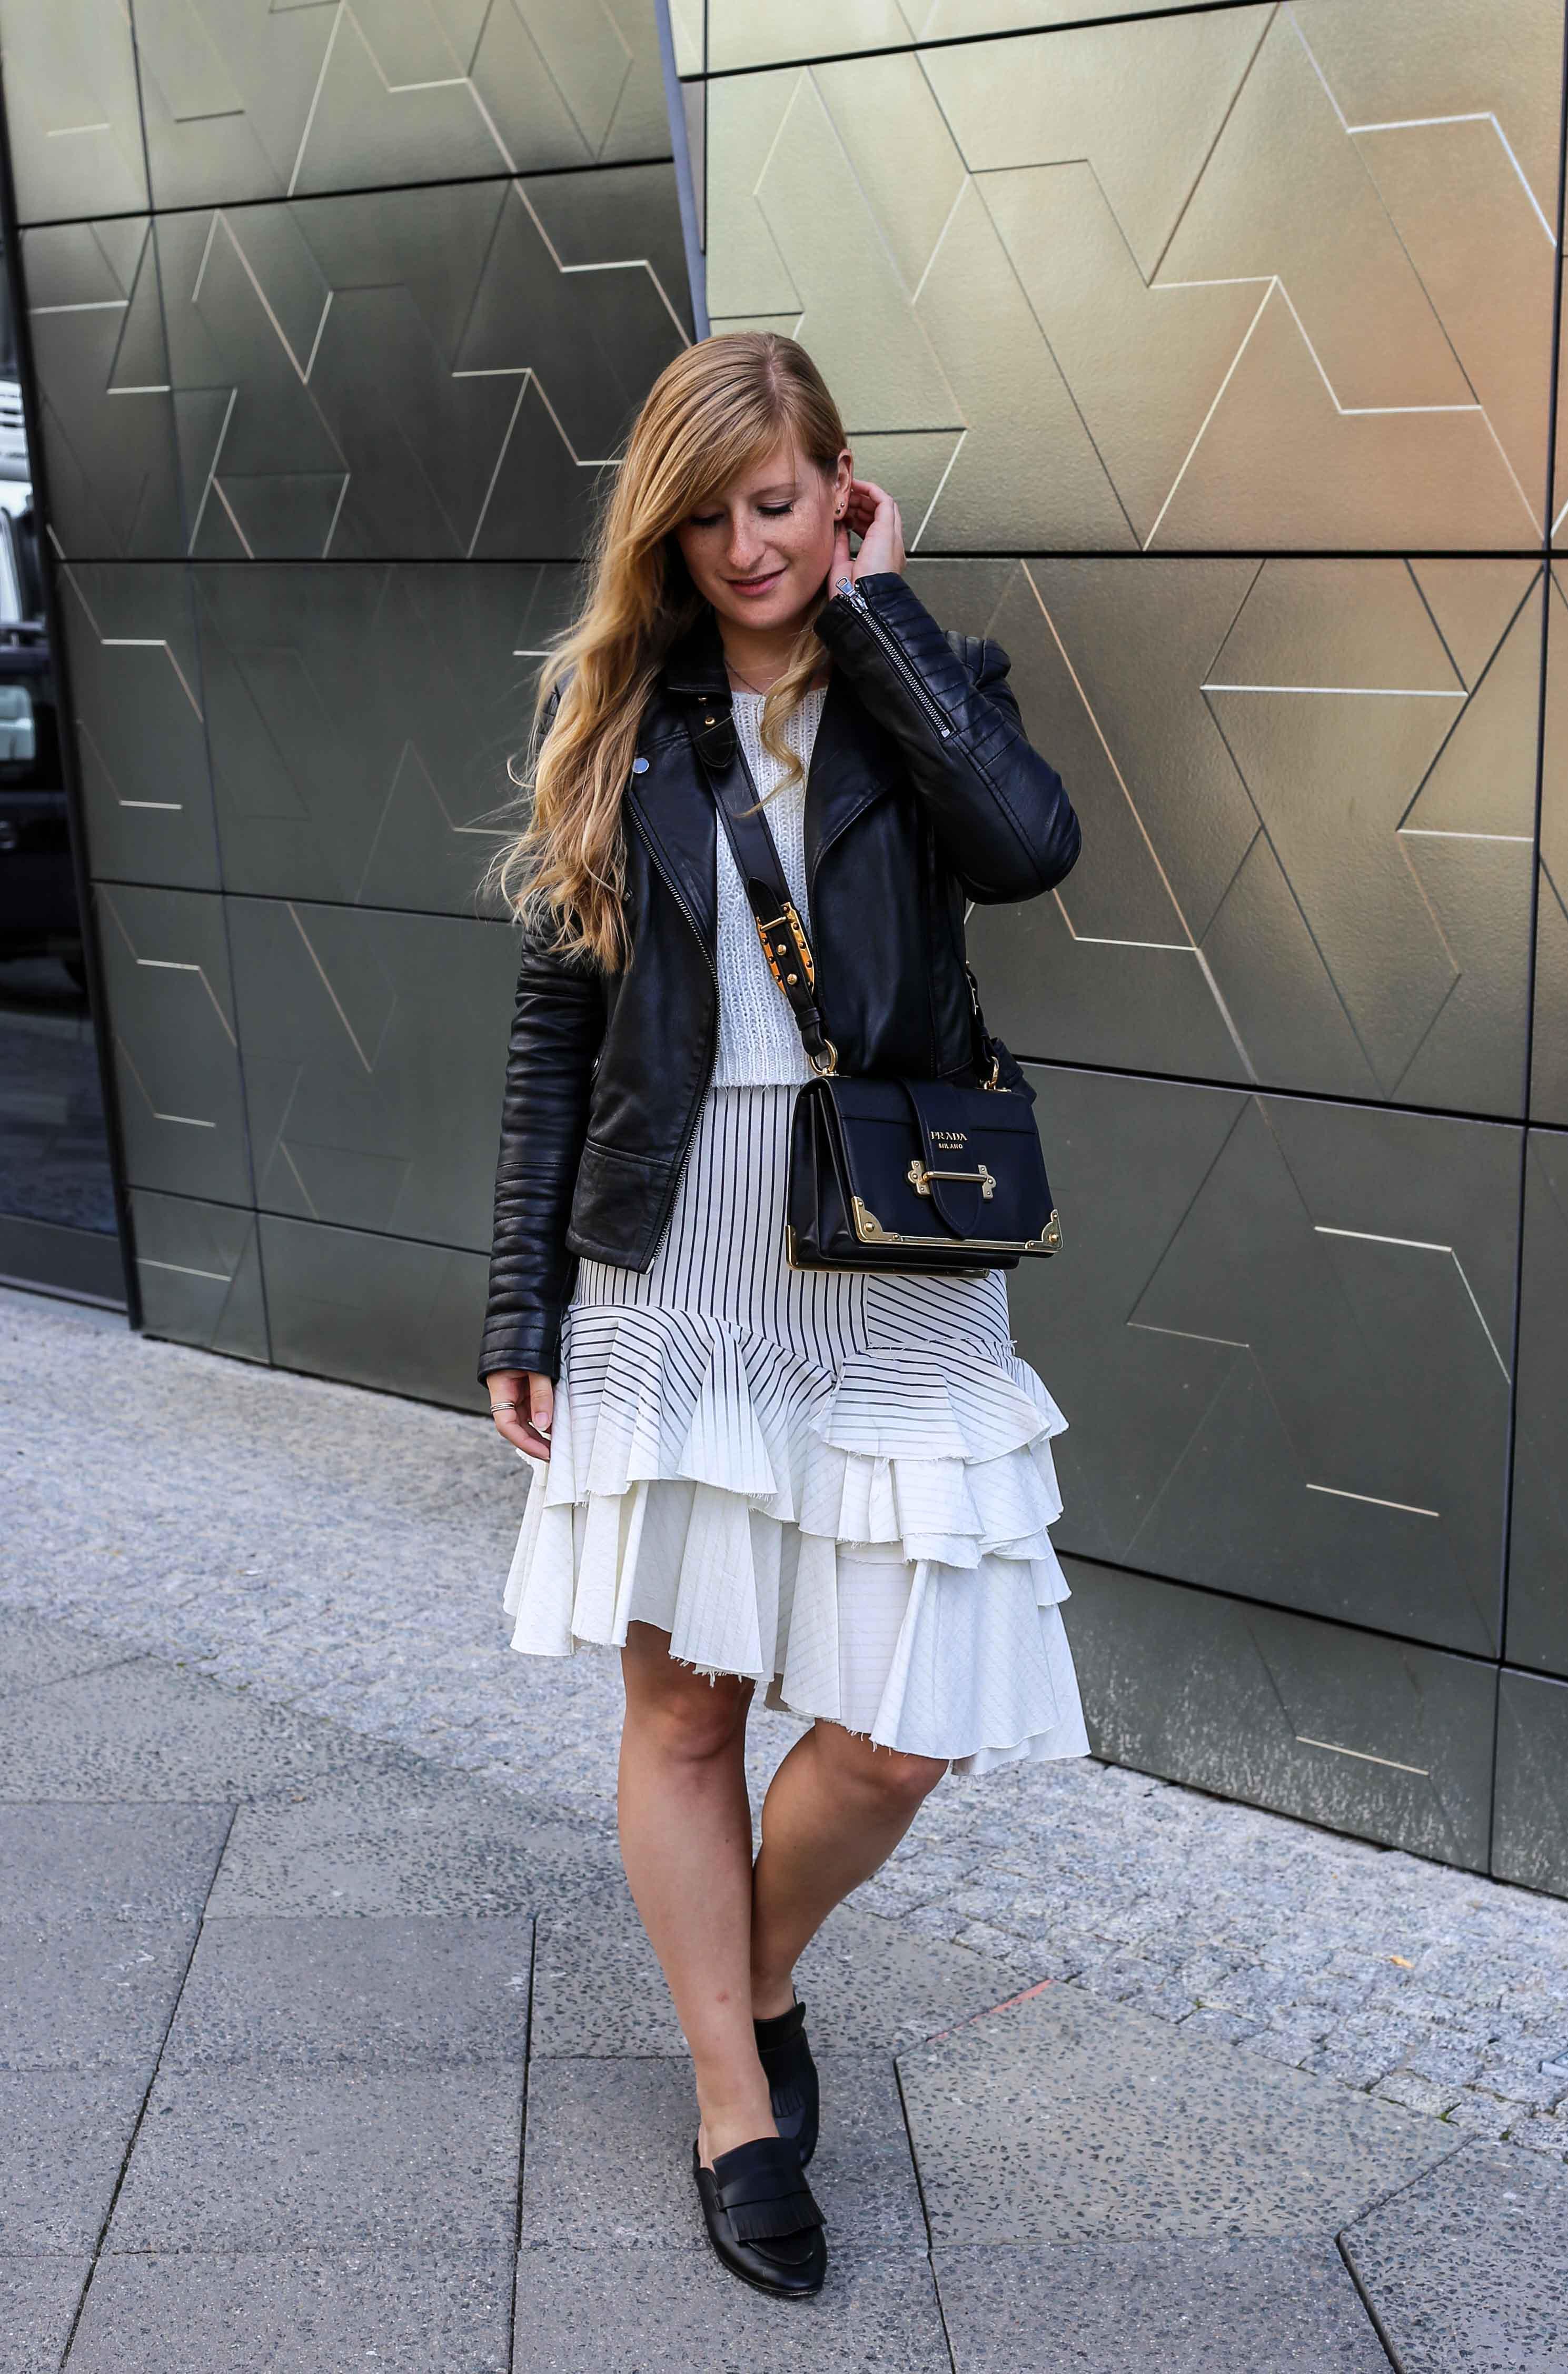 Fashion Week Outfit Berlin Asymmetrischer Jeansrock Streifen Zara Crop Top Mules Lederjacke Streetstyle Modeblog 6